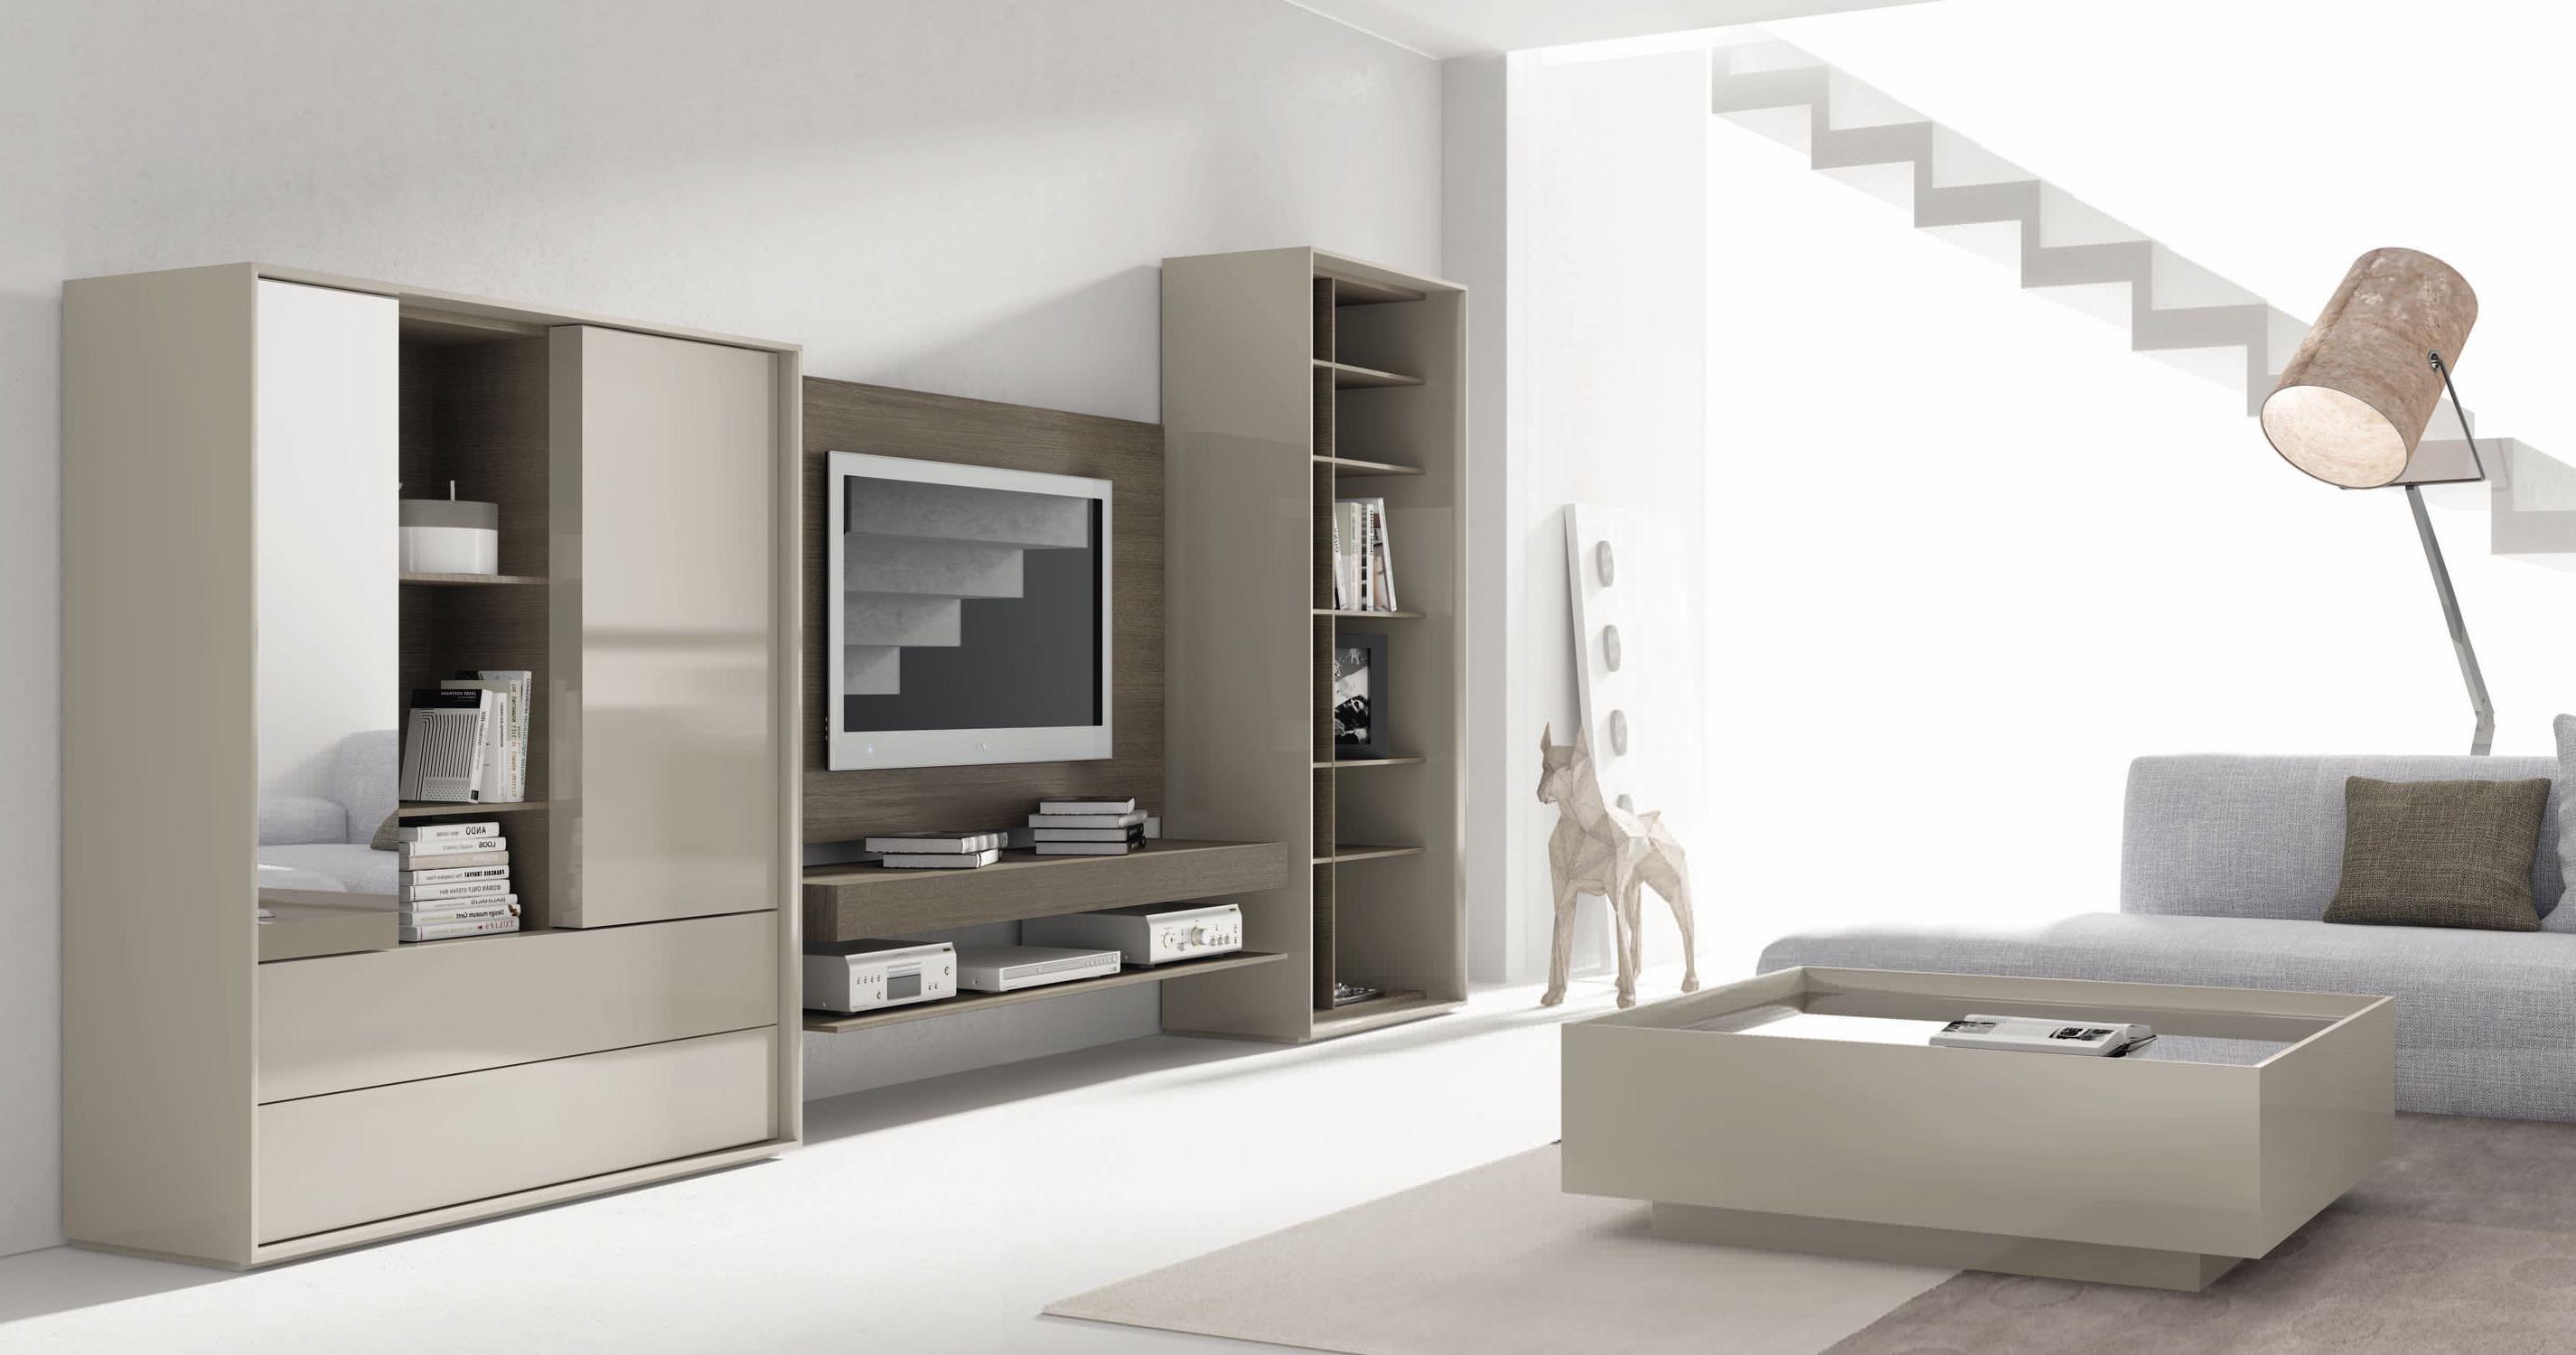 Mueble Multimedia Bqdd Mueble Multimedia Moderno De Madera Lacada De Vidrio Next